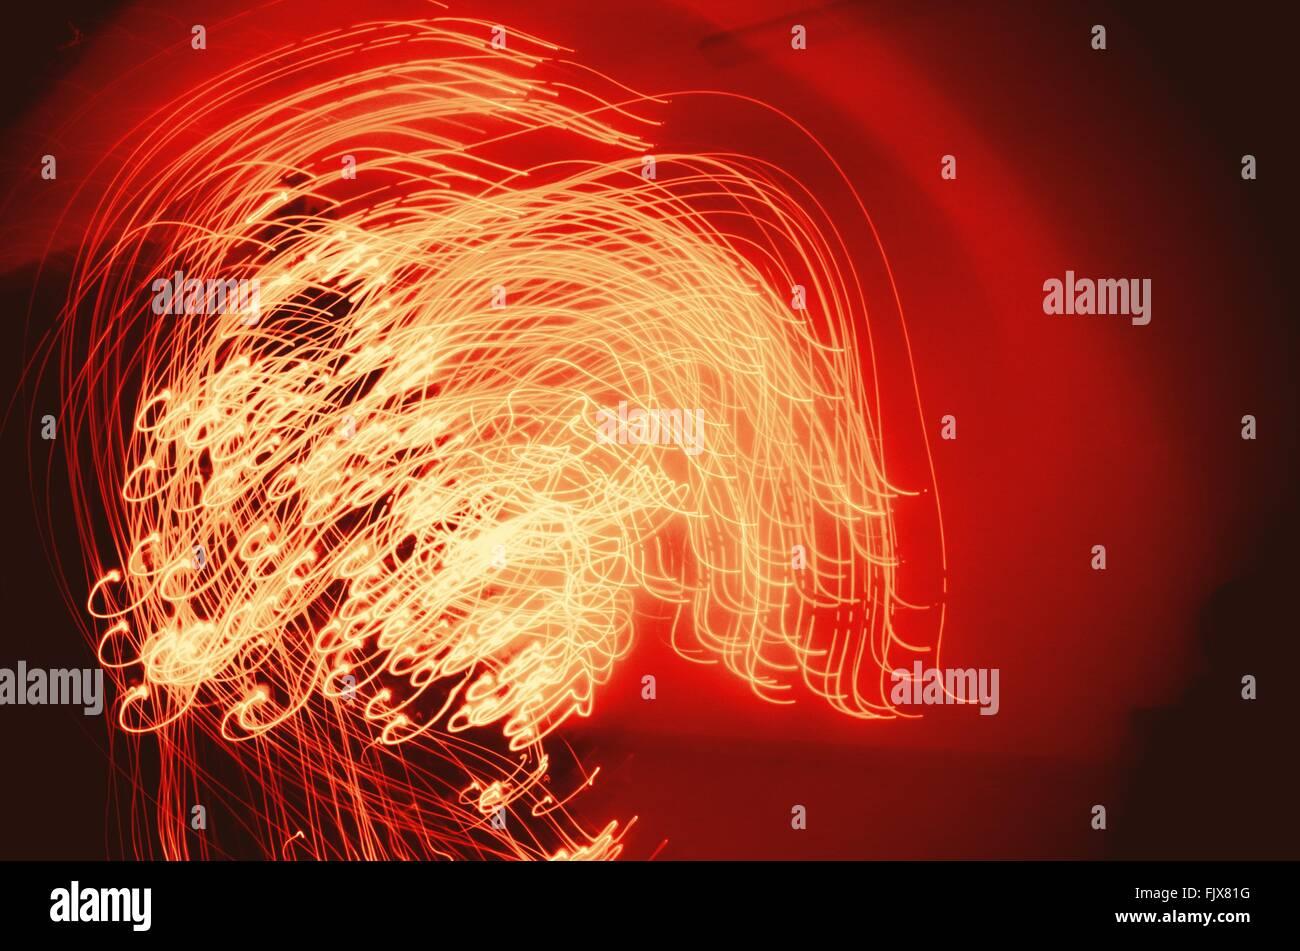 Image abstraite de la lumière allumé durant les fêtes de Noël des sentiers Photo Stock